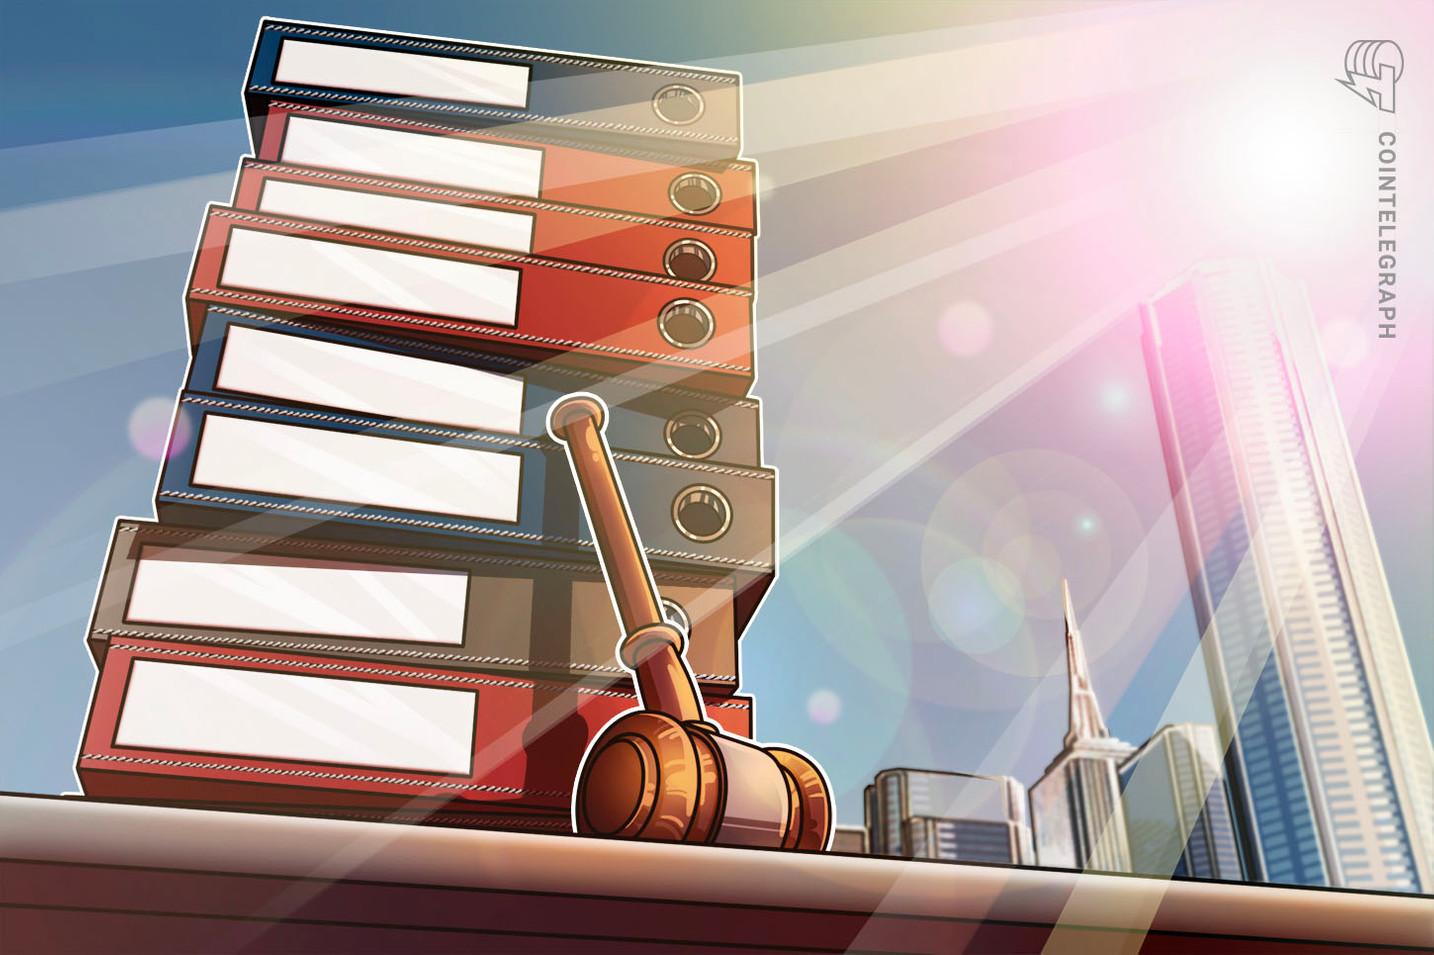 لم يكن الكشف عن الموقع المادي لبورصة العملات المشفرة ضارًا، وفقًا لحكم المحكمة